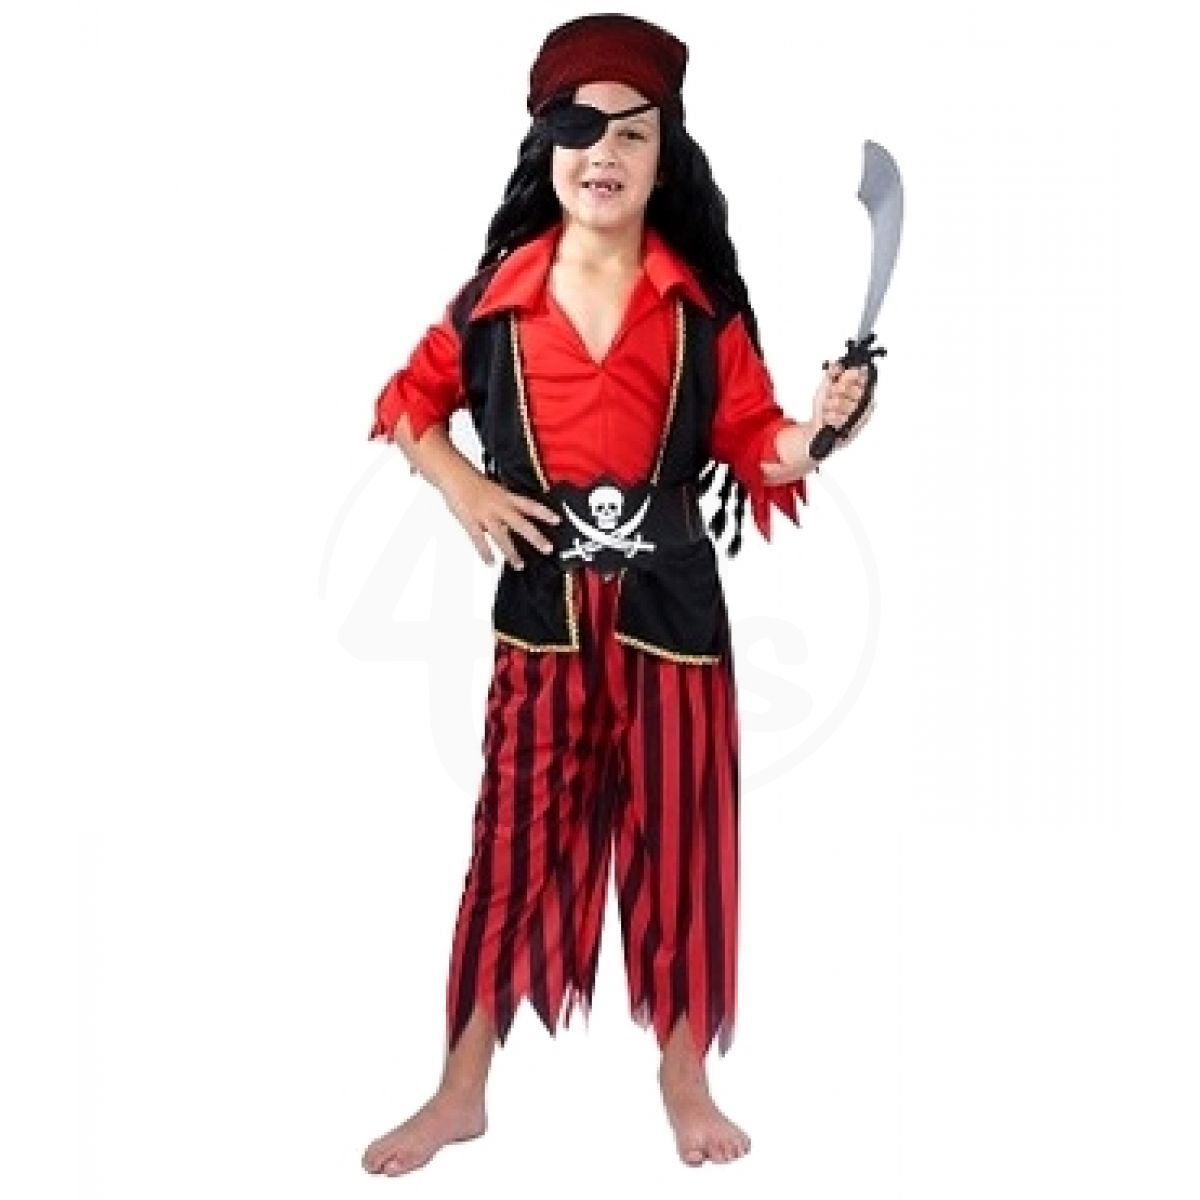 Made Dětský kostým 55482 Pirát 120-130 cm 61d928abf4f